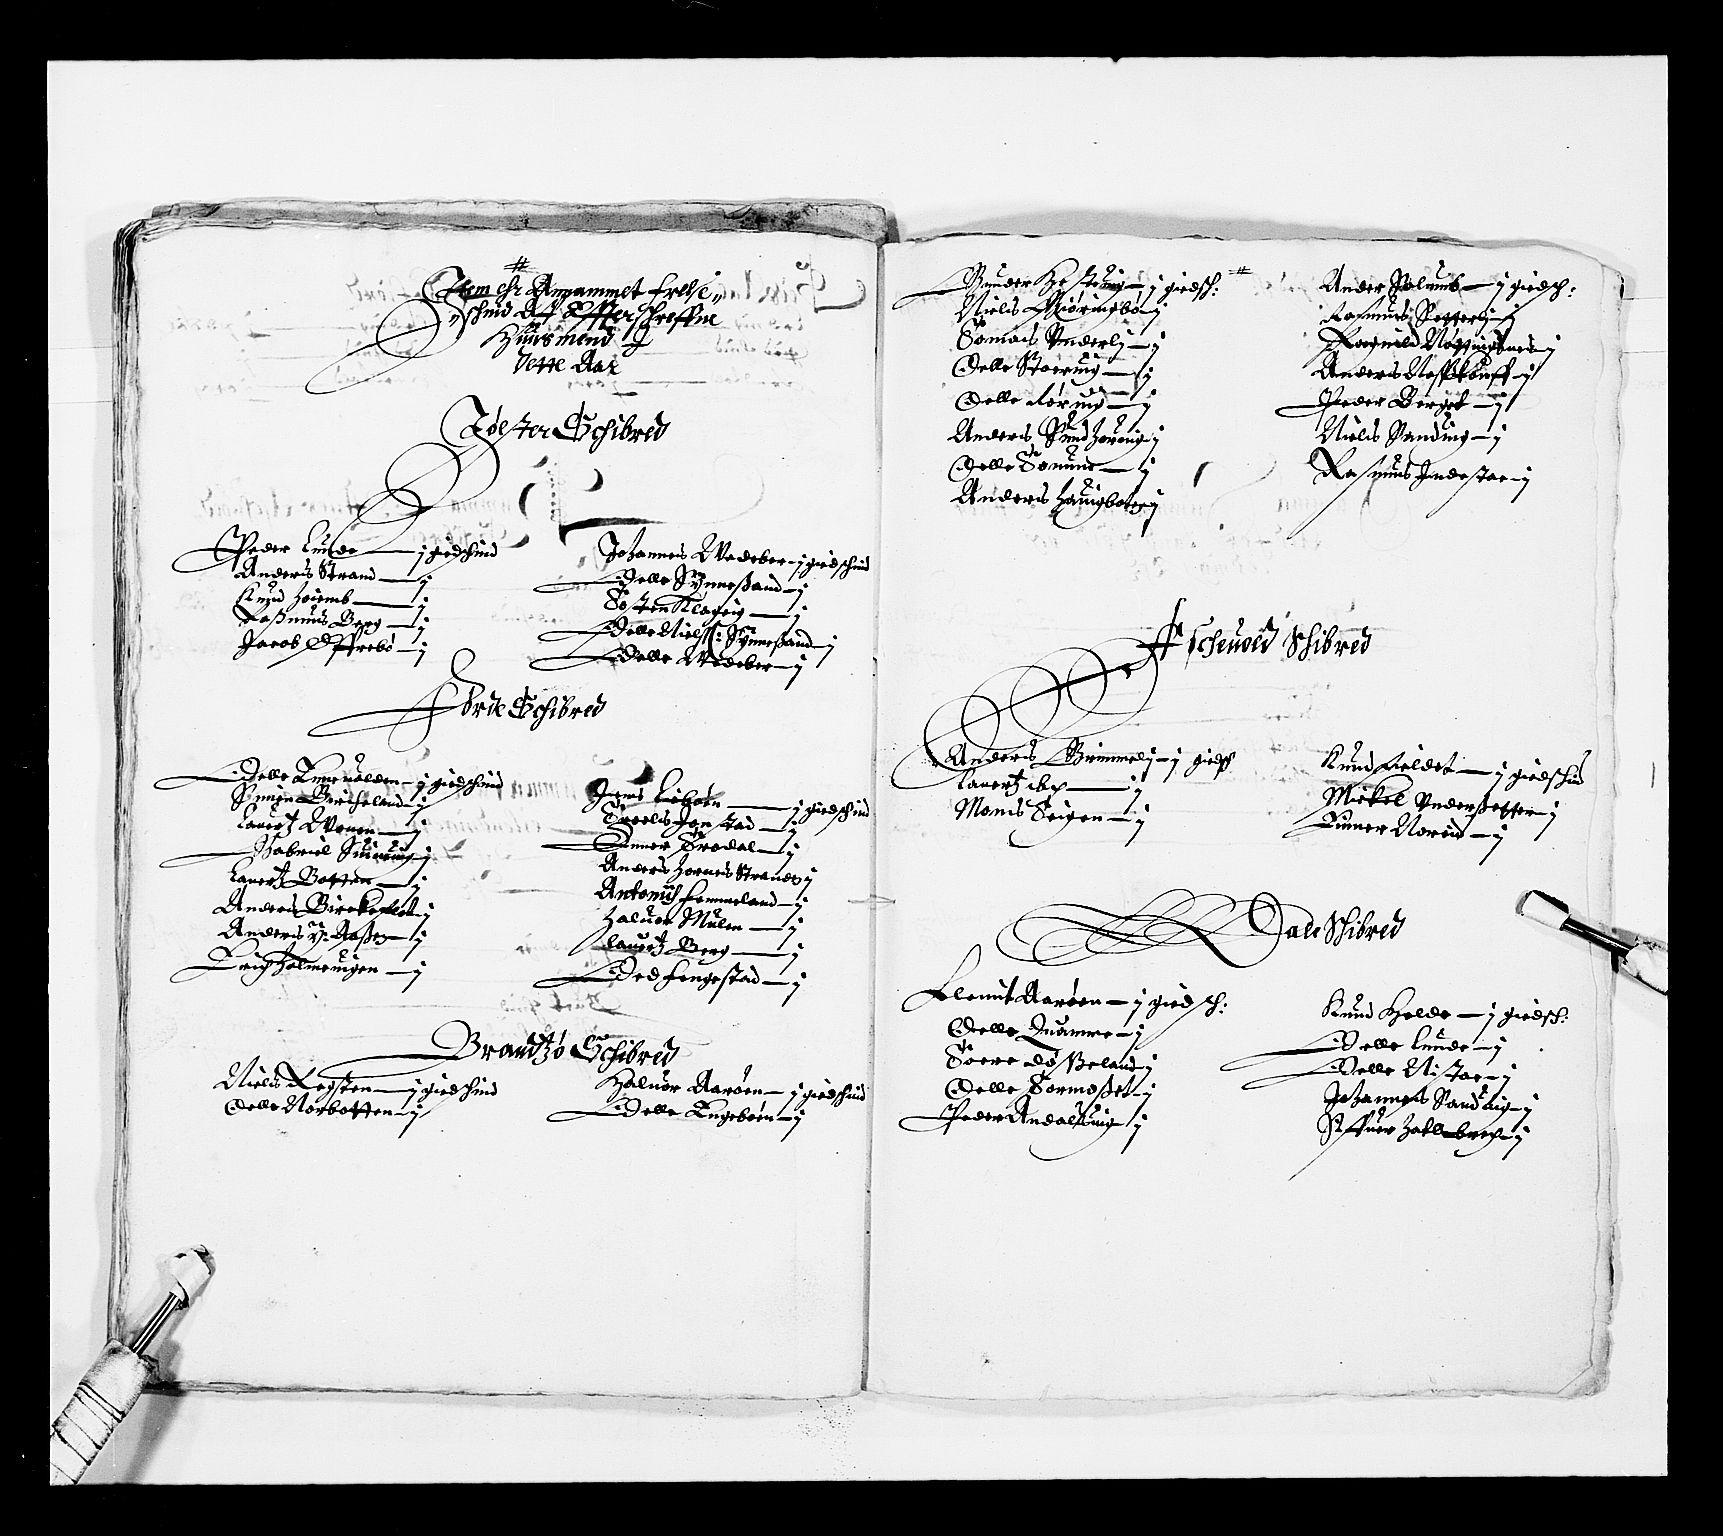 RA, Stattholderembetet 1572-1771, Ek/L0025: Jordebøker 1633-1658:, 1645-1646, s. 180